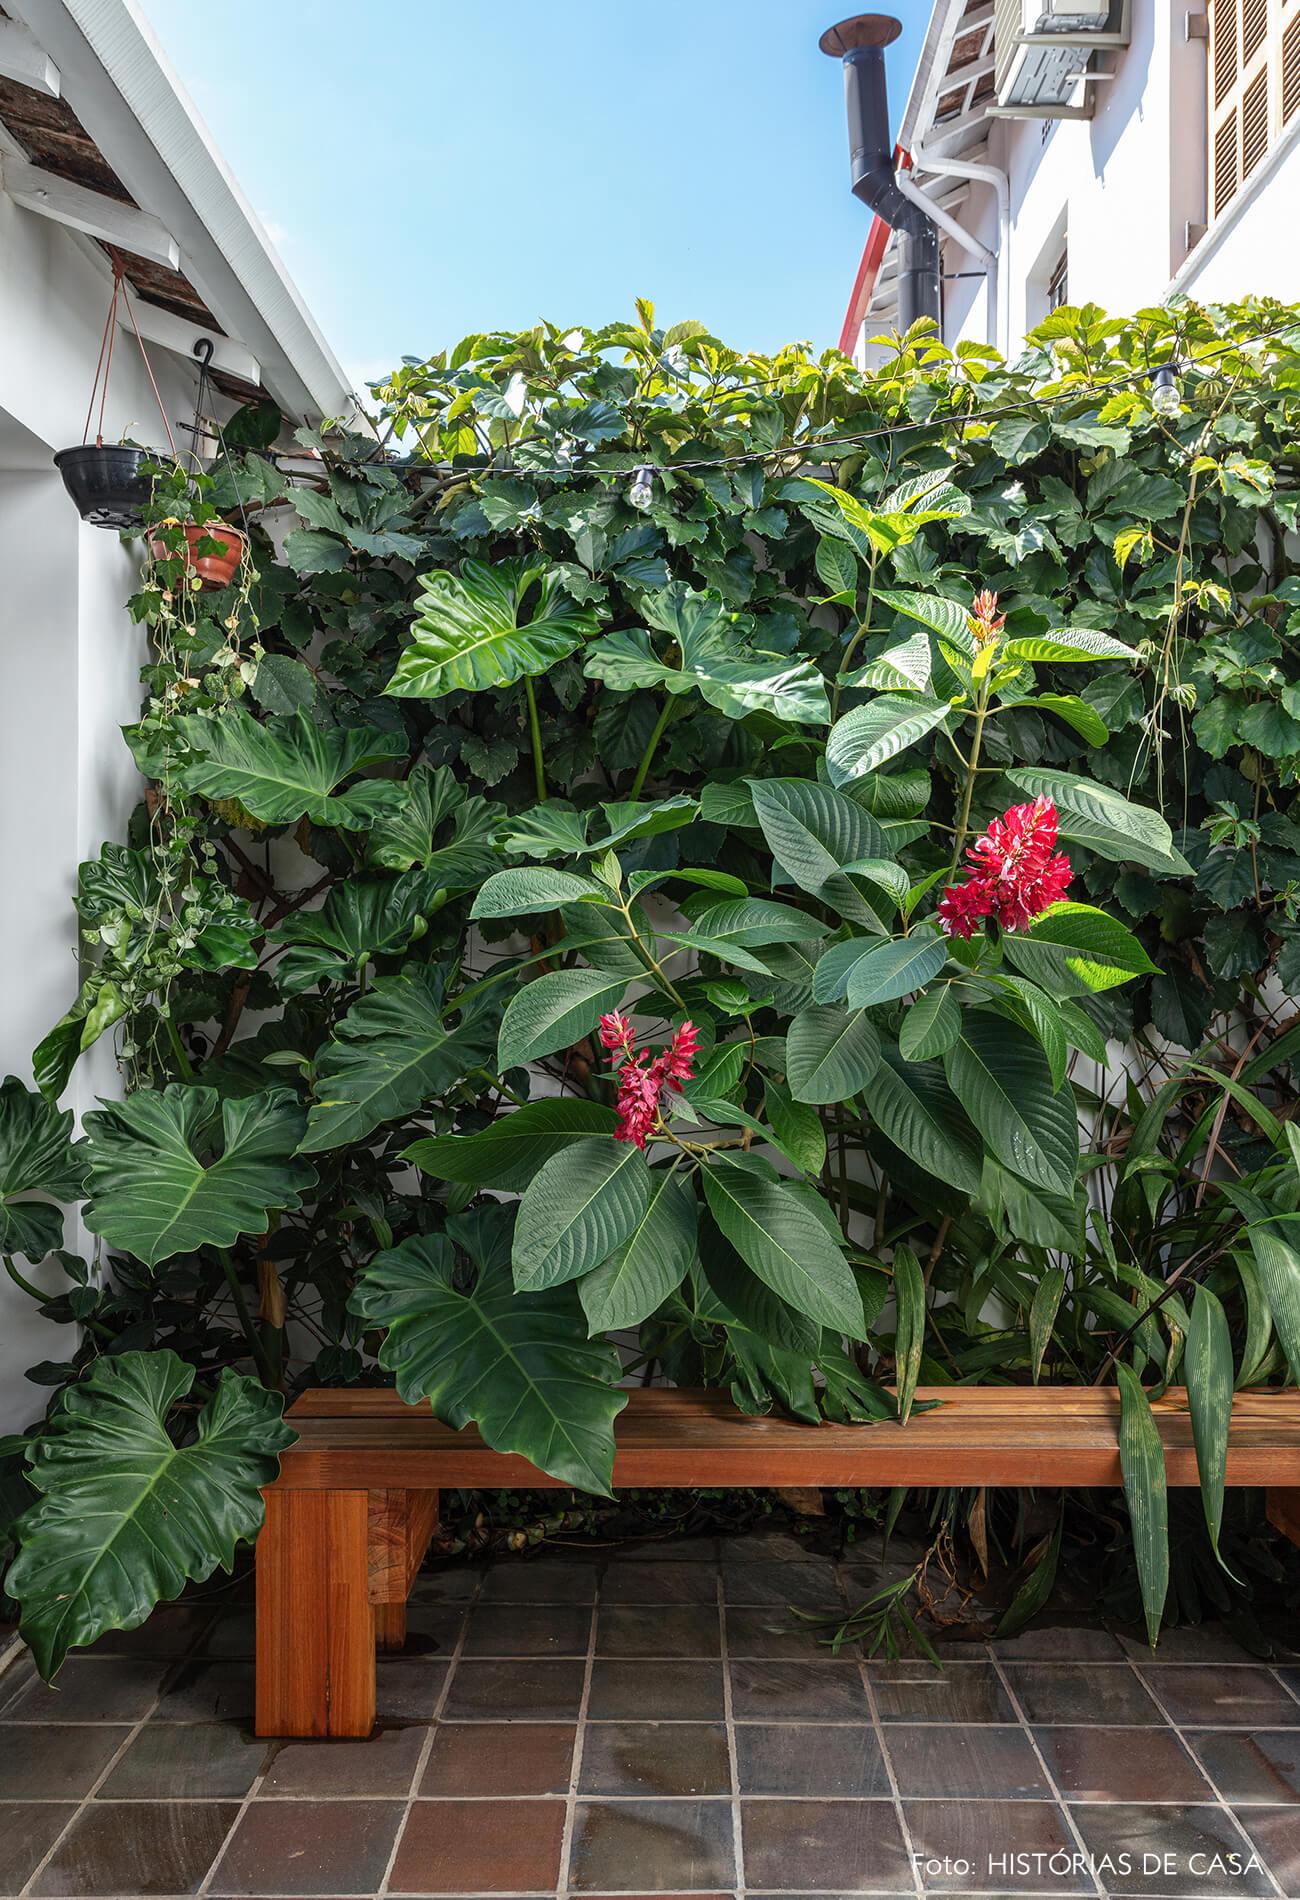 Casa com quintal e jardim nos fundos, parede de plantas